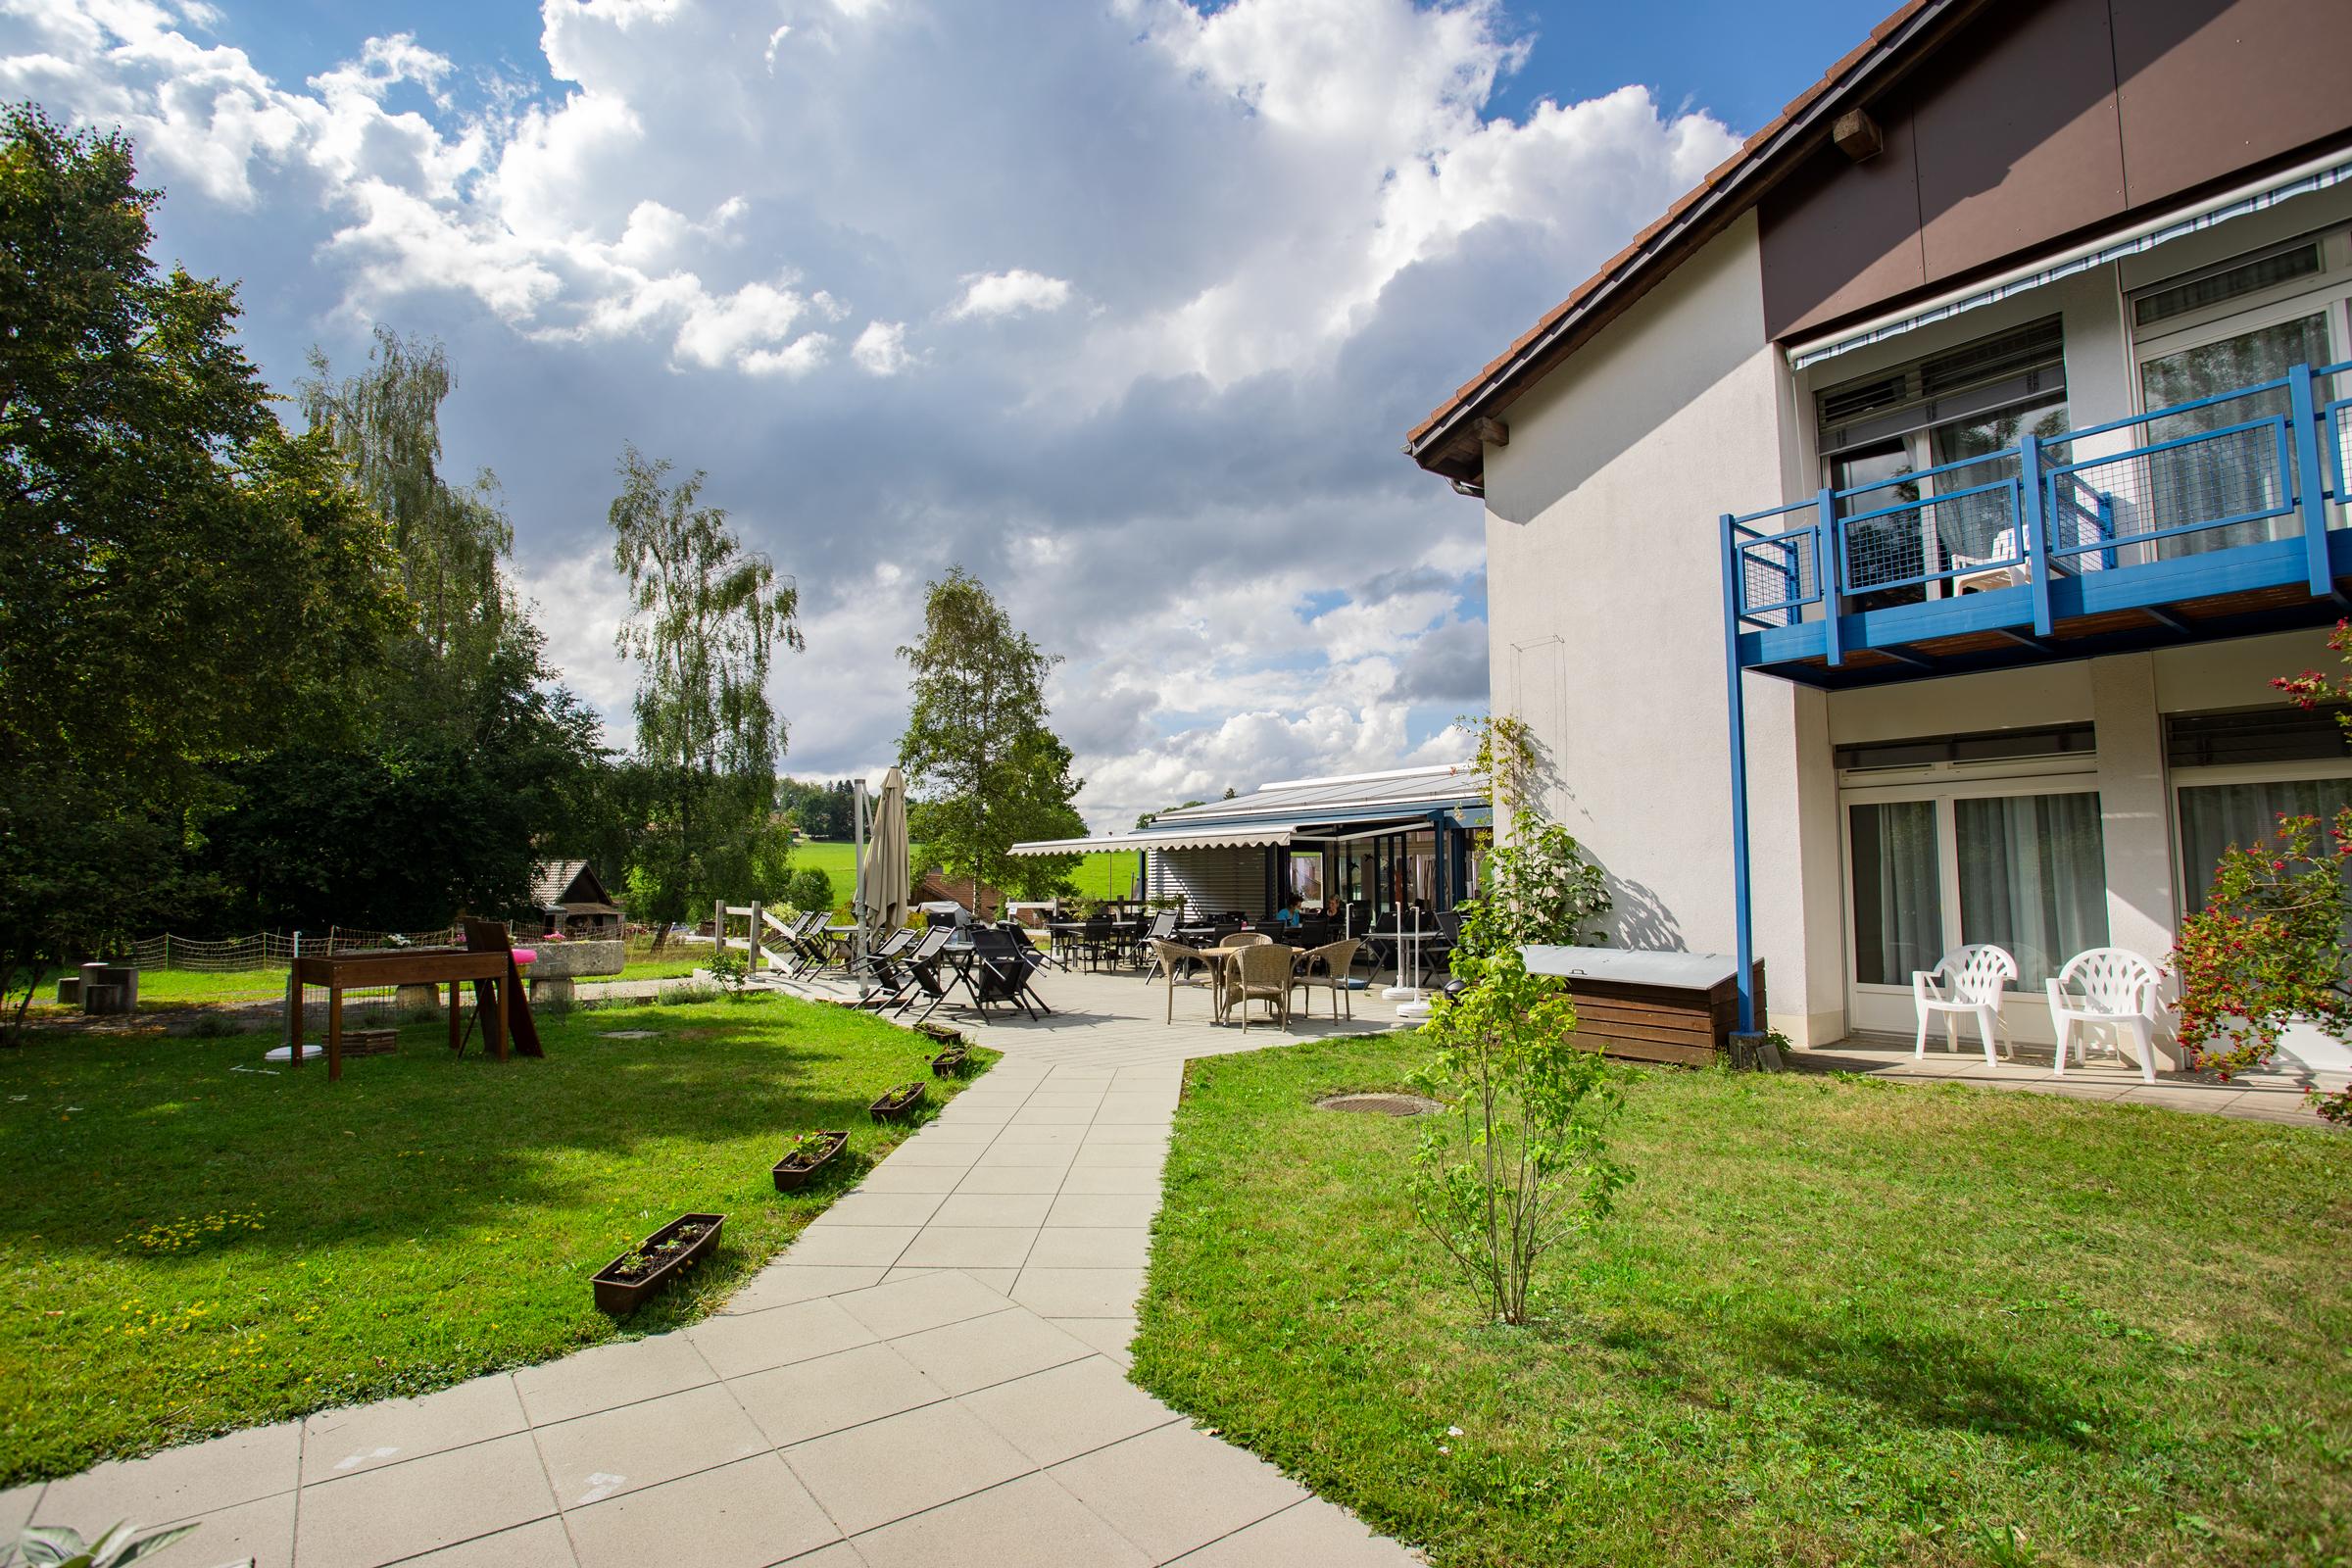 Photo de la résidence prise depuis le côté où l'on peut voir la terrasse.